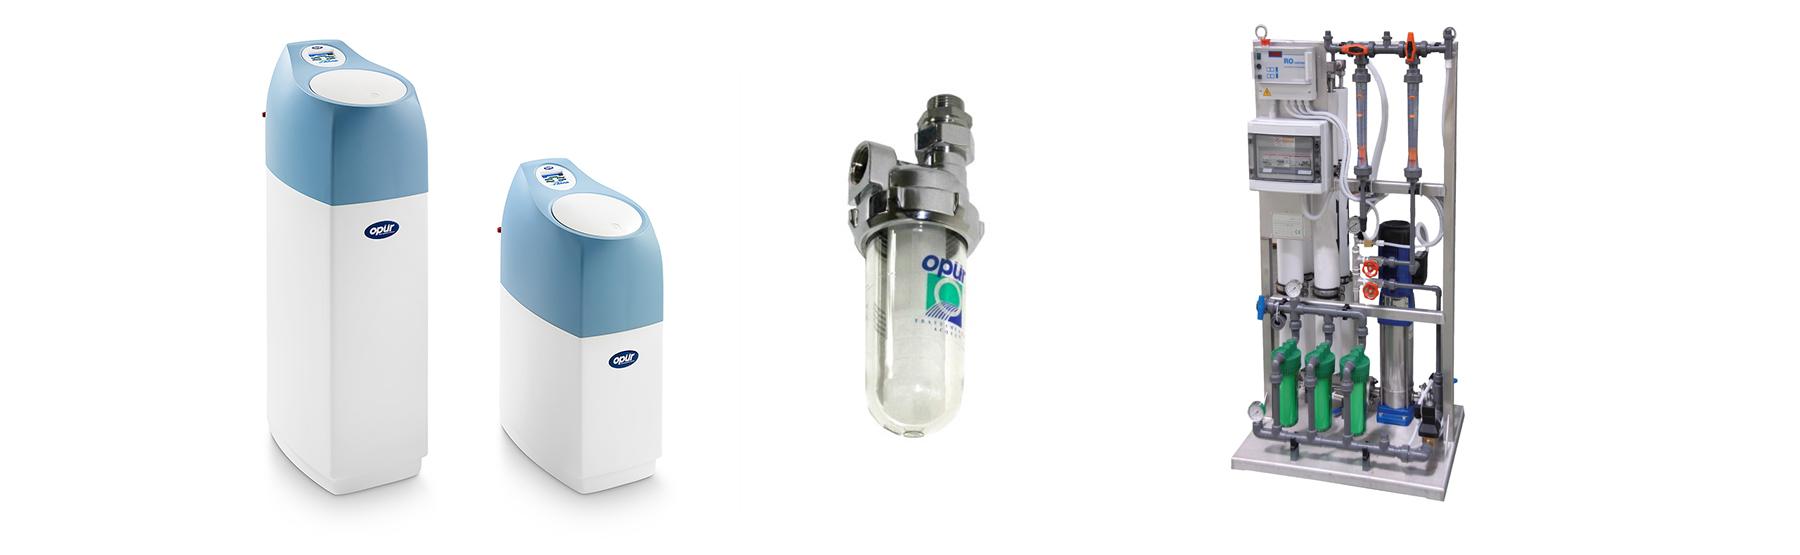 trattamento-acque-filtri-impianti